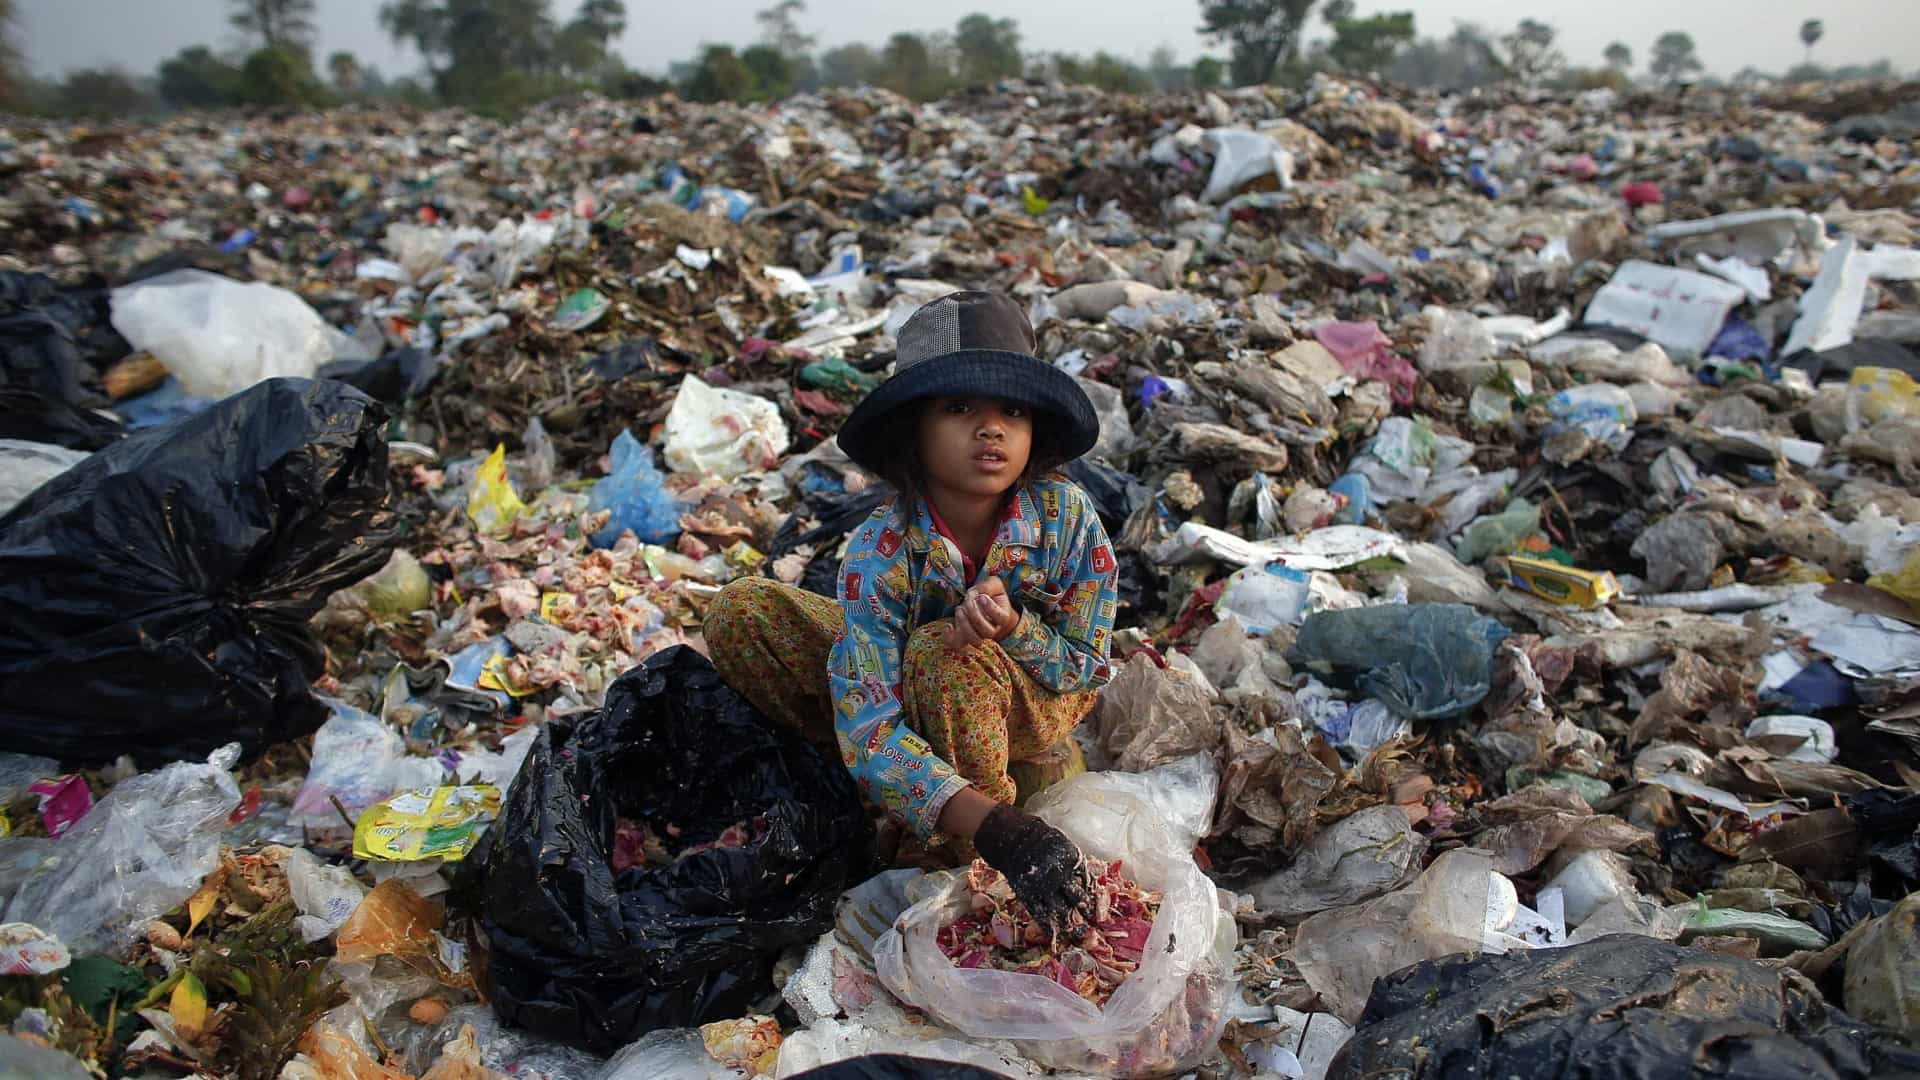 MP recebe 4,3 mildenúncias de trabalho infantil por ano